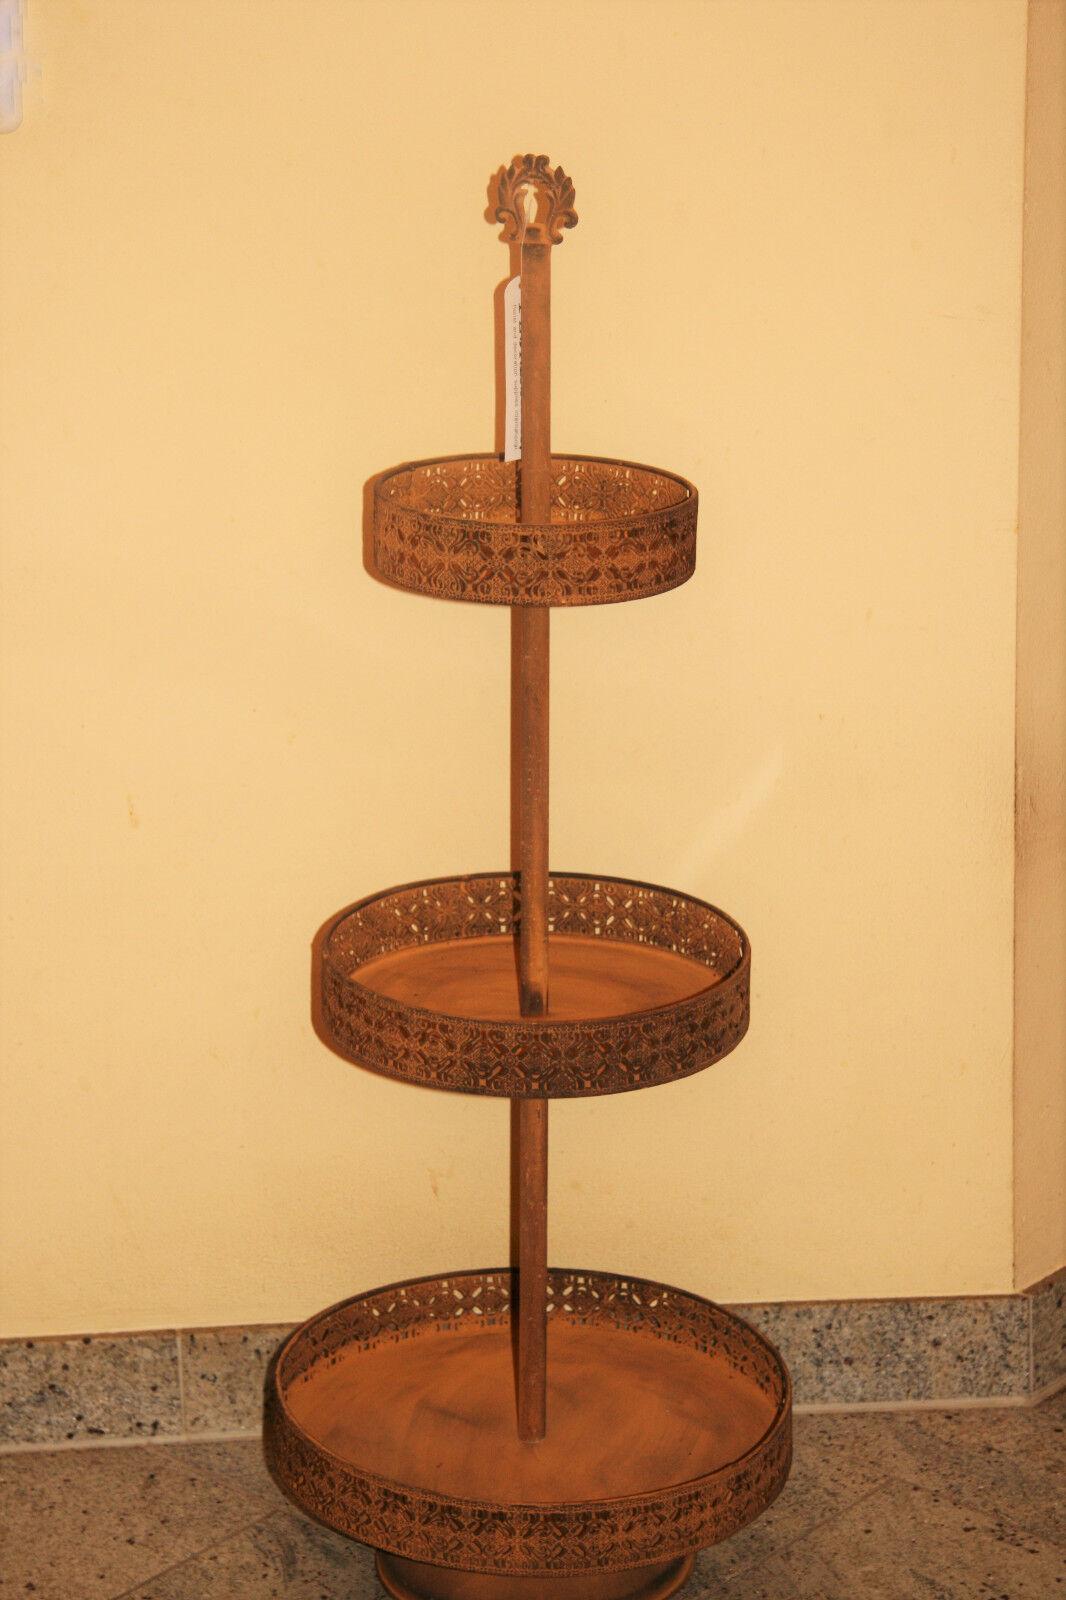 95 cm Etagere Etagerie Servierplatte Bonboniere Bonboniere Bonboniere Schale Metall Braun Rost     | Quality First  07ebd2